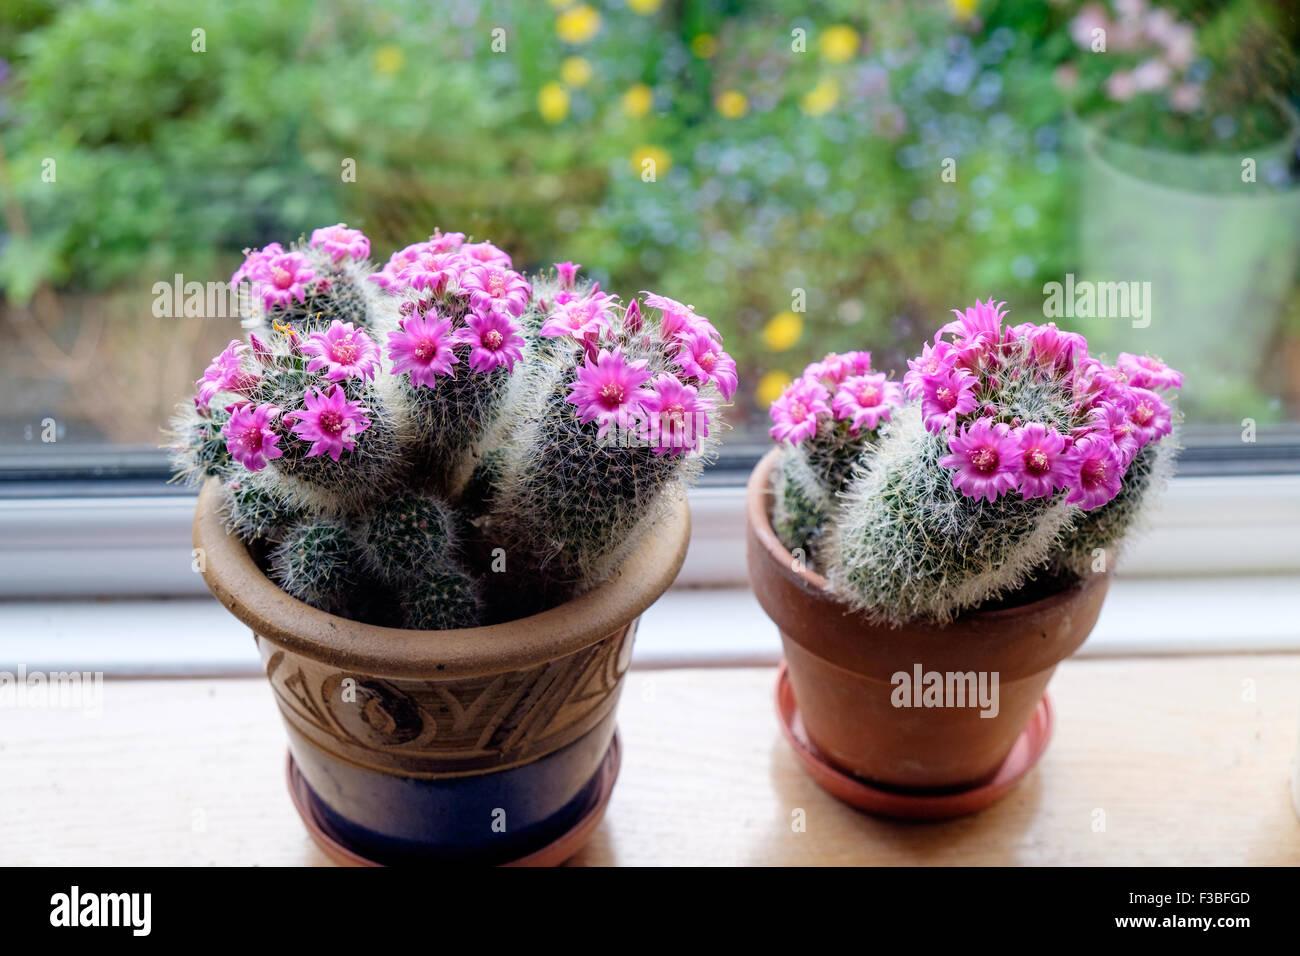 how to take care of a mammillaria cactus